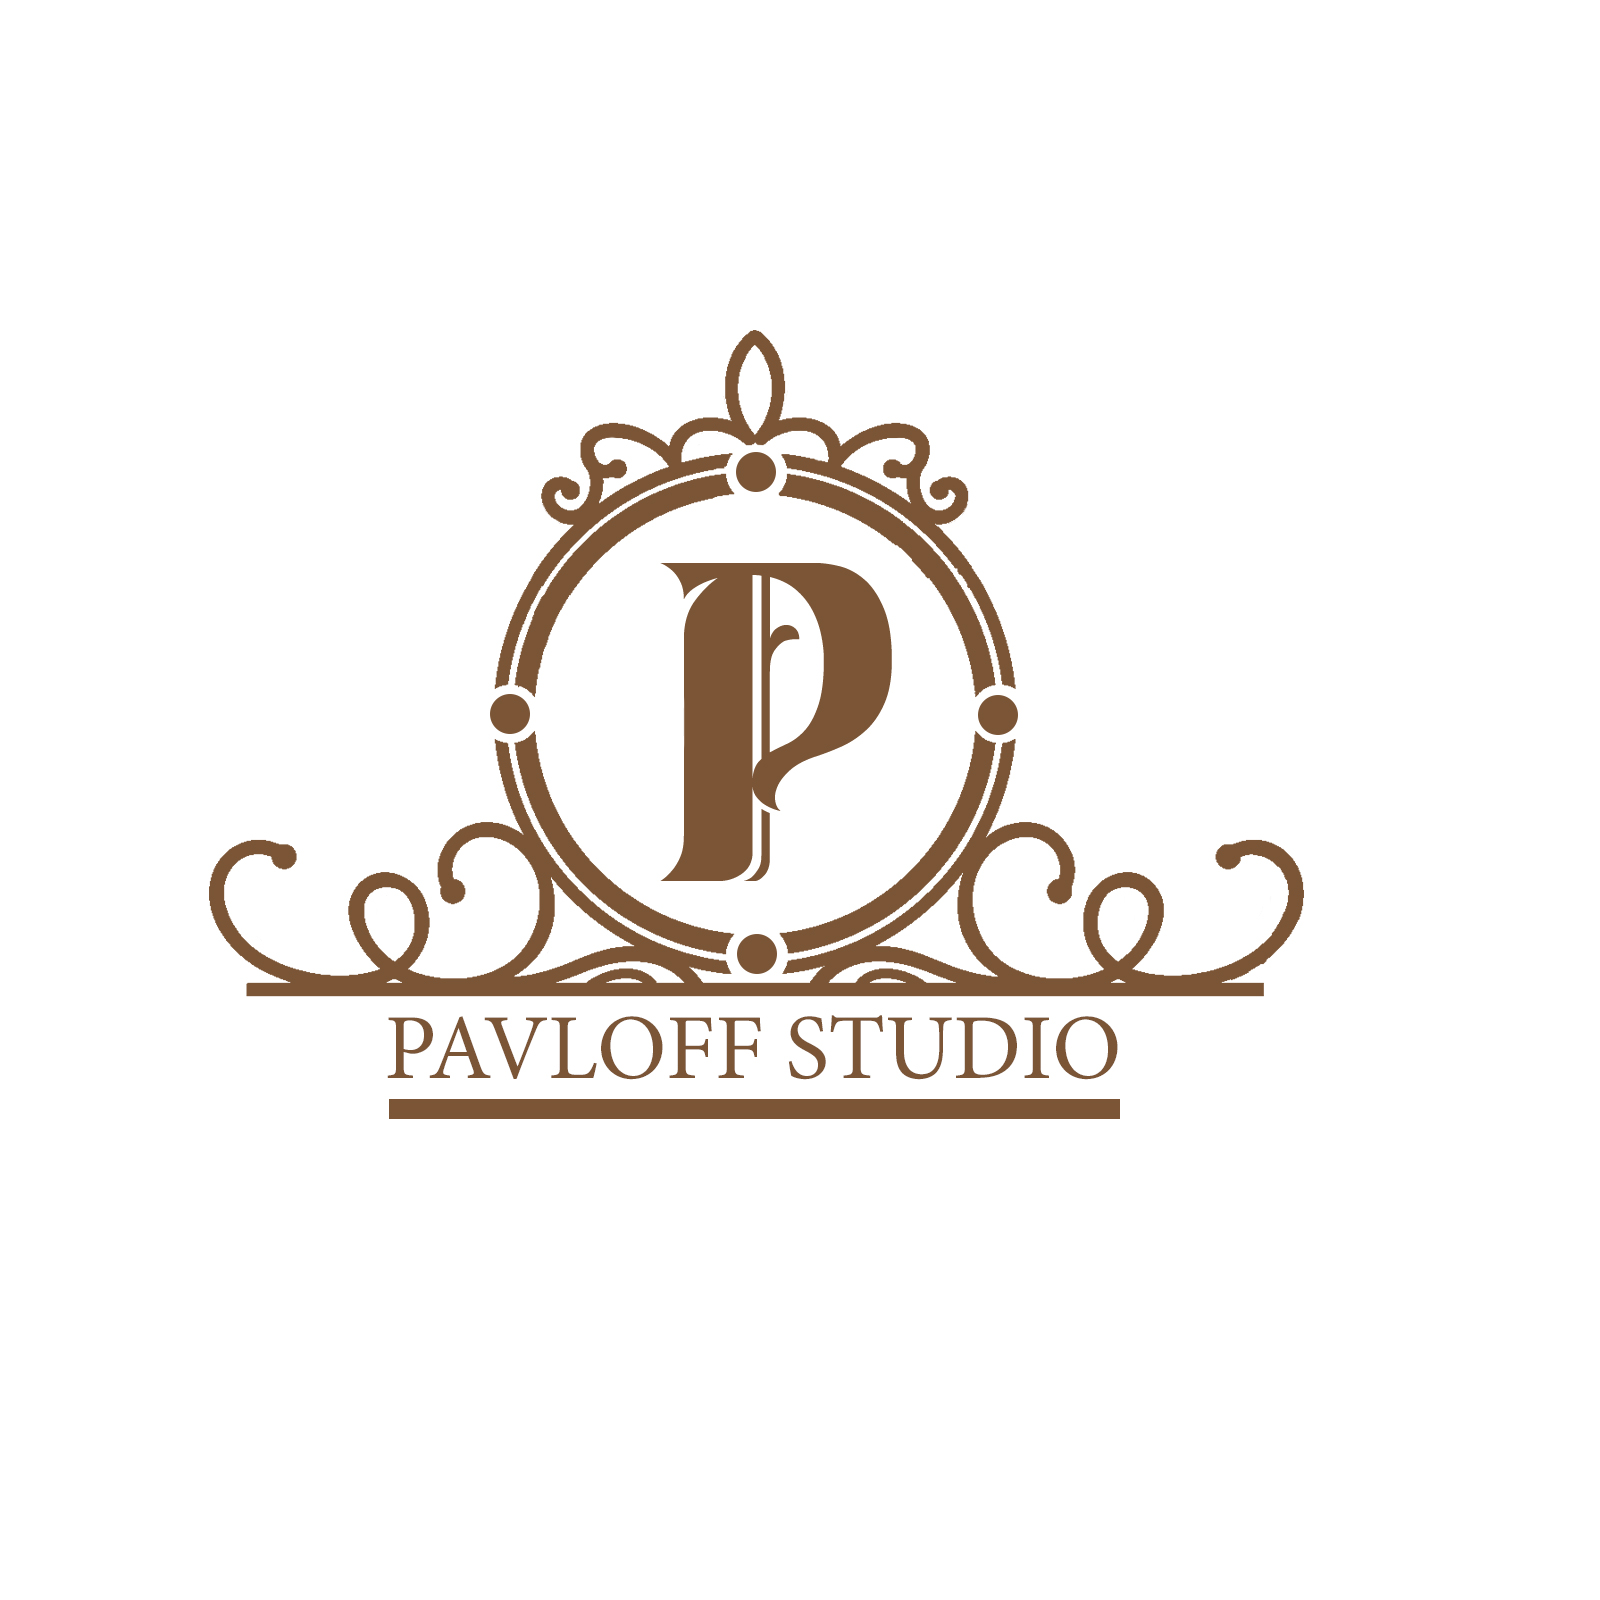 Pavloff Studio